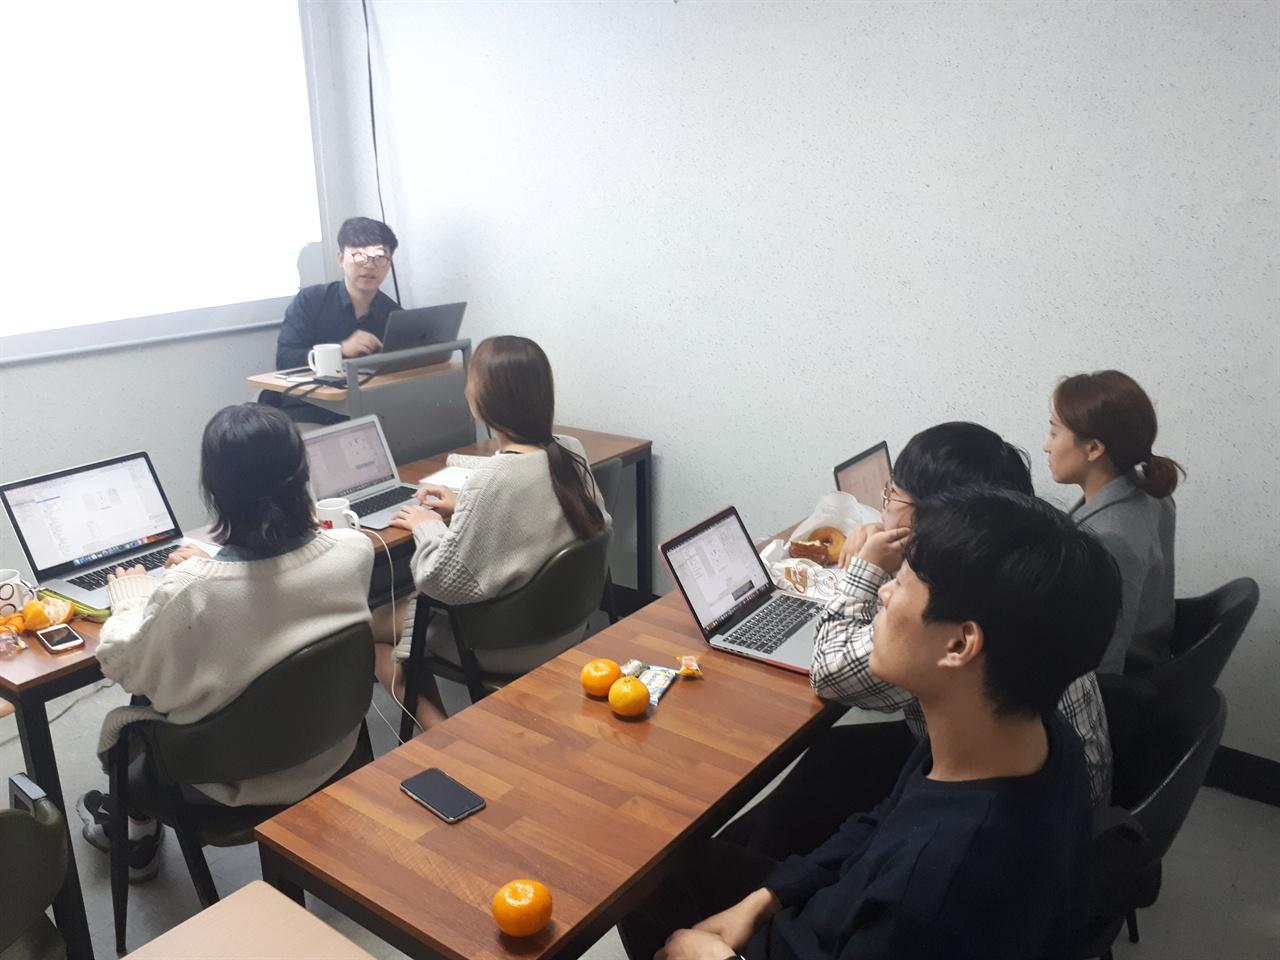 이프 1기 멤버들의 프로그래밍 교육 이재훈 강사가 이프 1기 멤버들을 대상으로 프로그래밍 교육을 하고 있다.